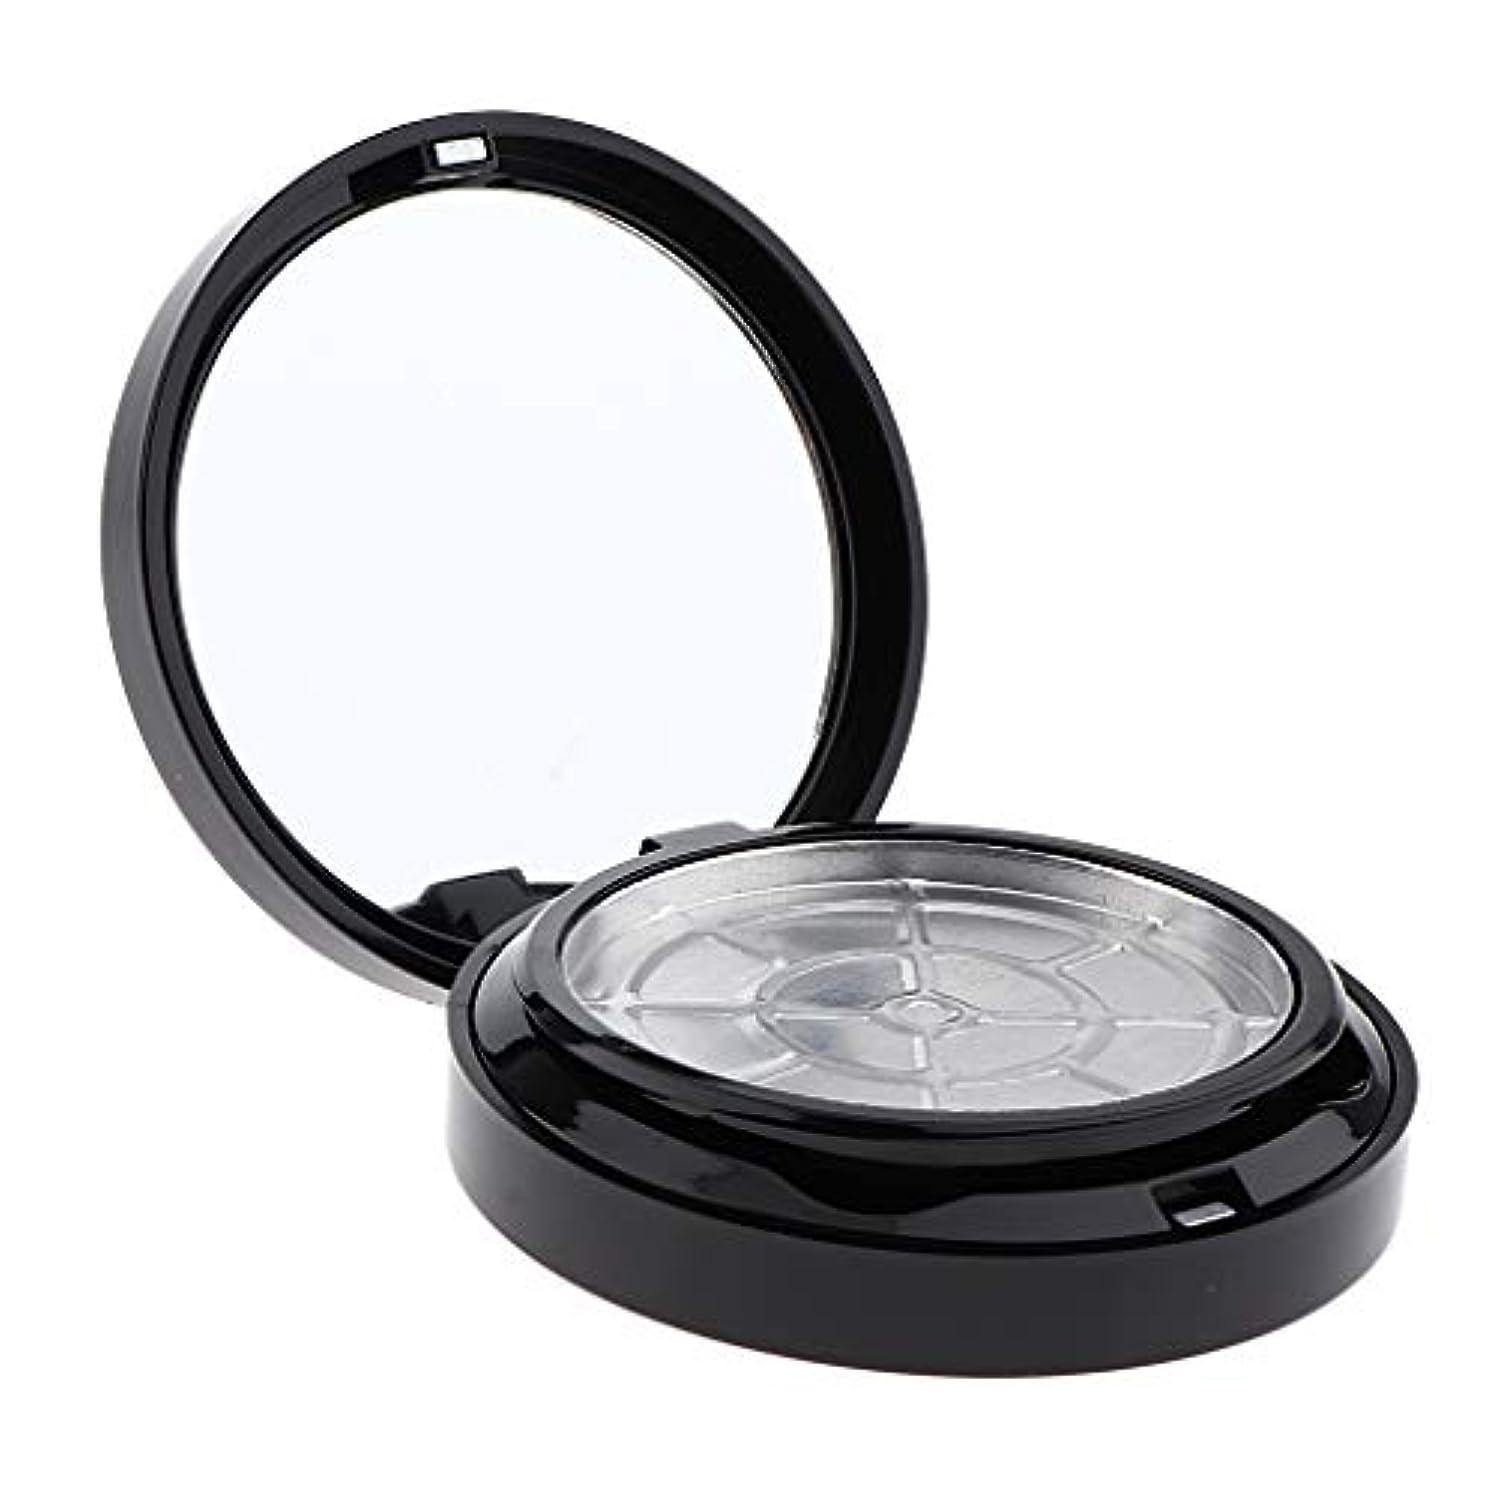 テセウス最終的に本土パウダーケース アルミ皿 空箱 化粧品容器 2色選べ - ブラック